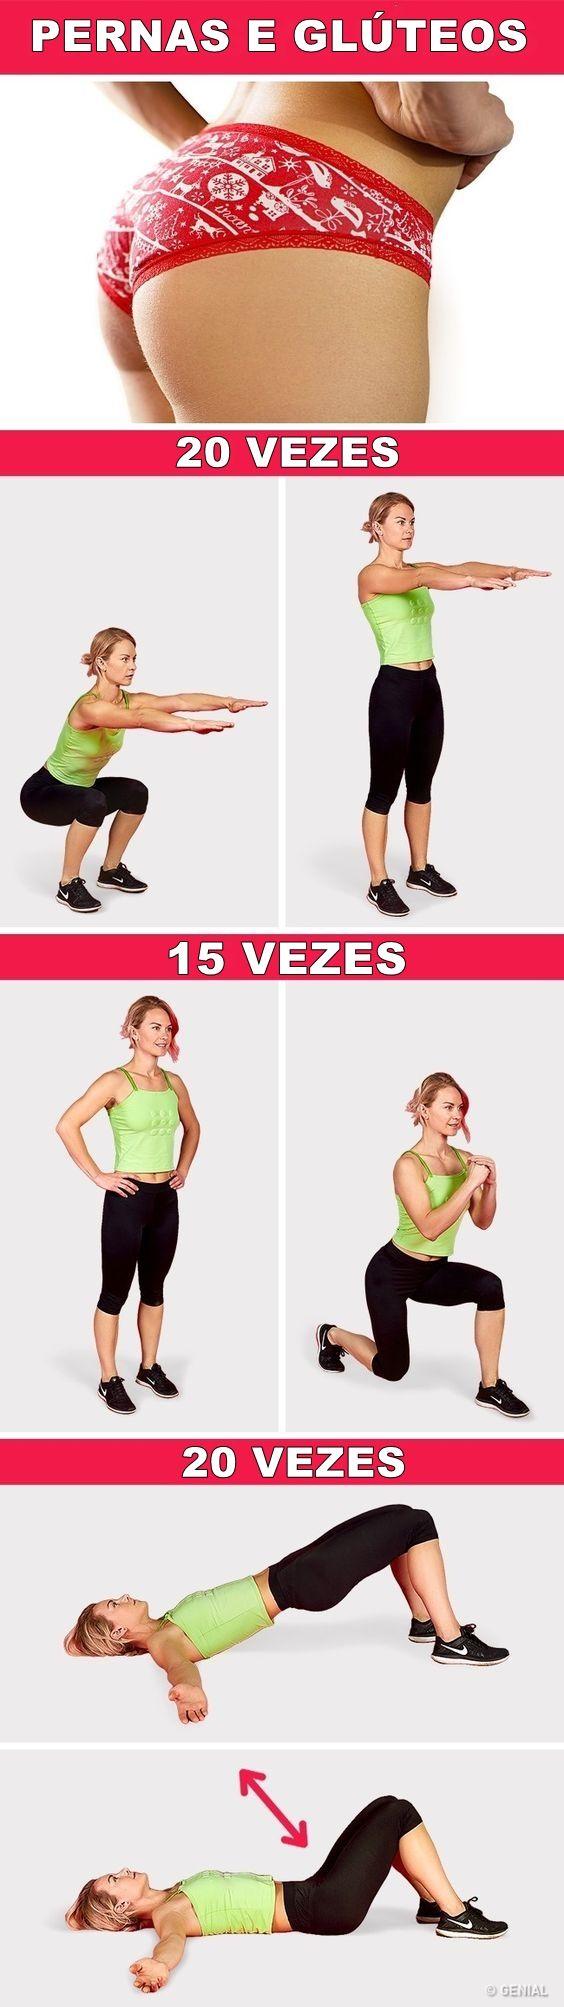 Os 6 Exercícios Para Levantar o Bumbum em Casa  #saude  #natureba  #saudeebemestar  #fitness  #exercise  #musculaçao